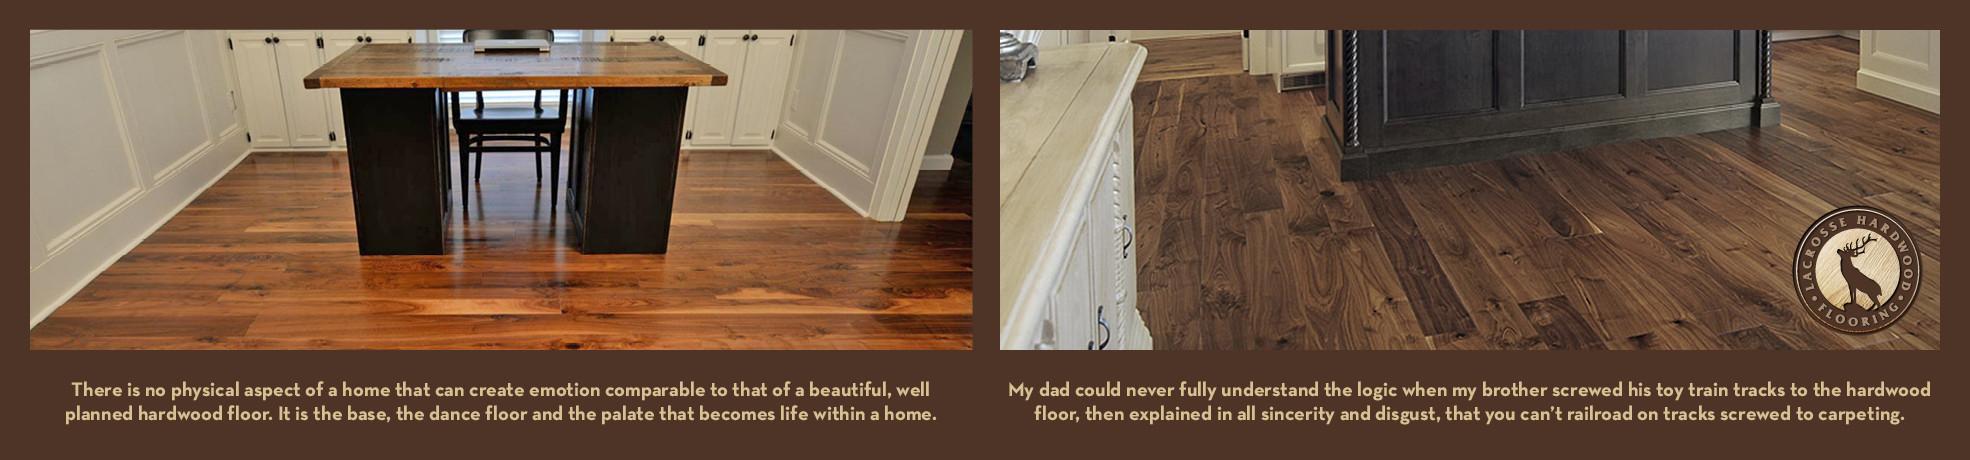 3 4 inch engineered hardwood flooring of lacrosse hardwood flooring walnut white oak red oak hickory in lhfsliderv22